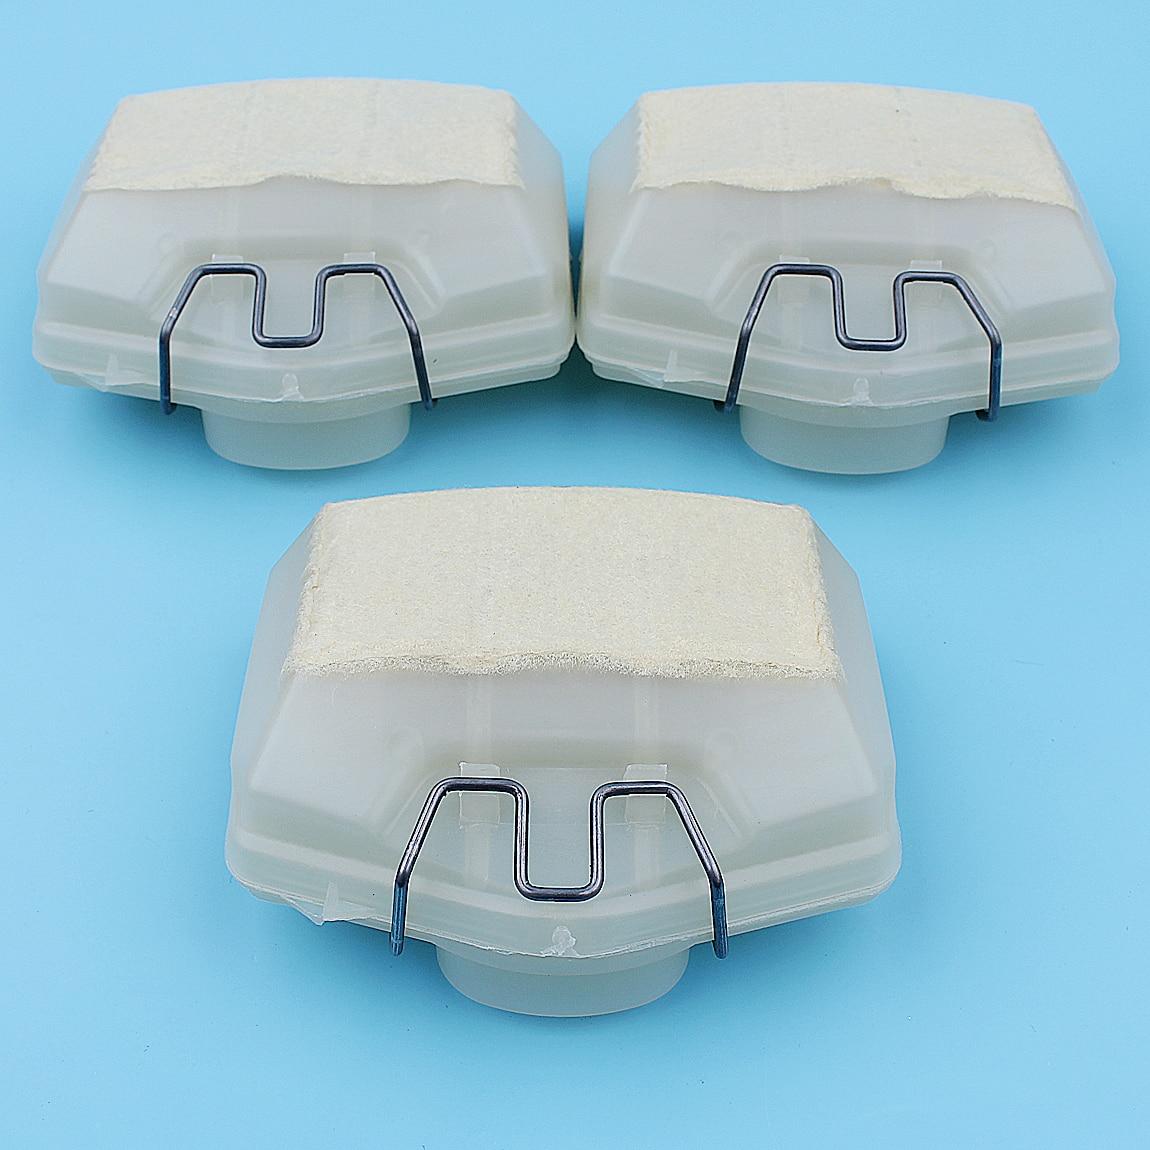 Комплект воздушных фильтров с пружиной для HUSQVARNA 365 362 371 372 372XP, запасные части для бензопилы 503 81 45 02, 503 73 54 01, 3 шт.